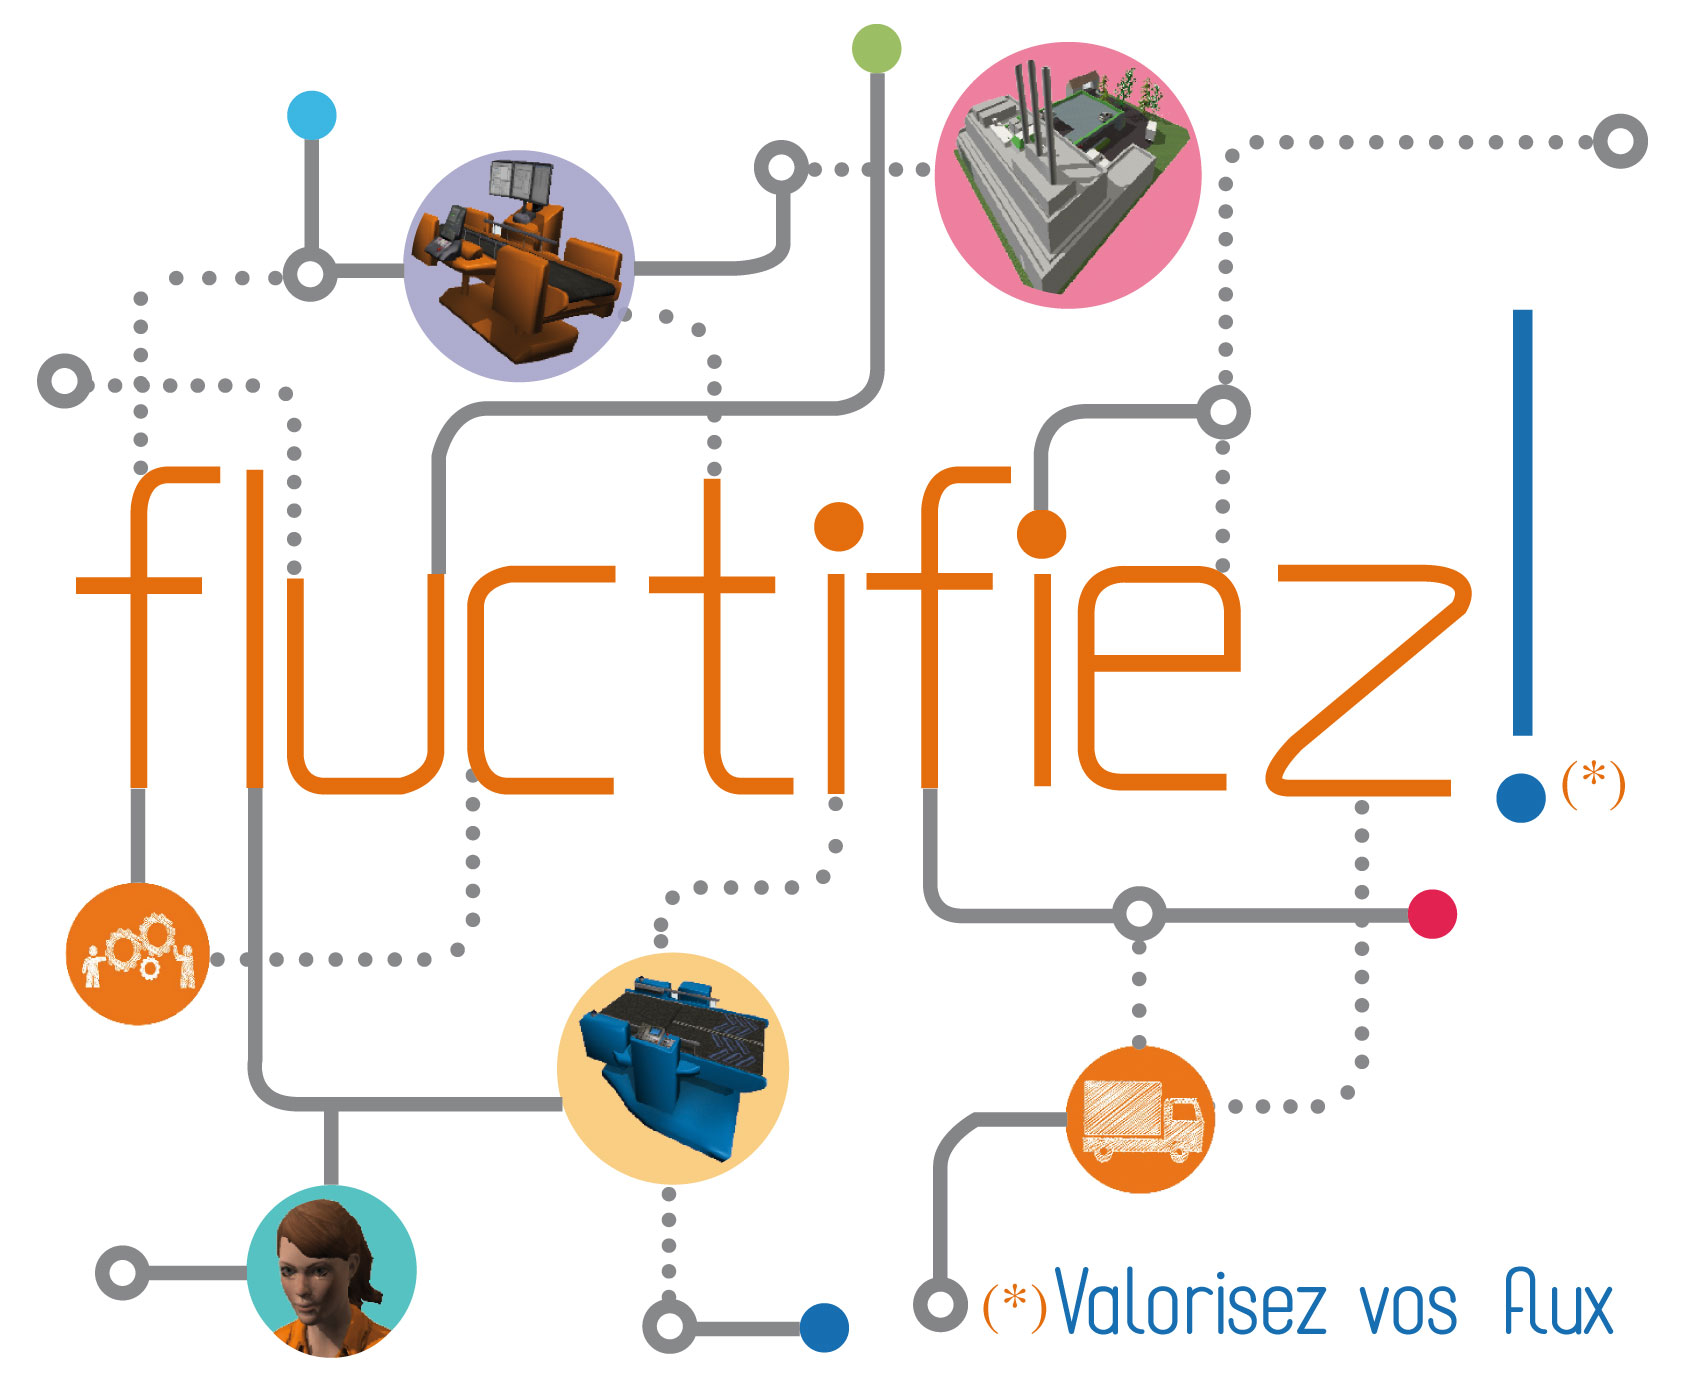 Fluctifiez web